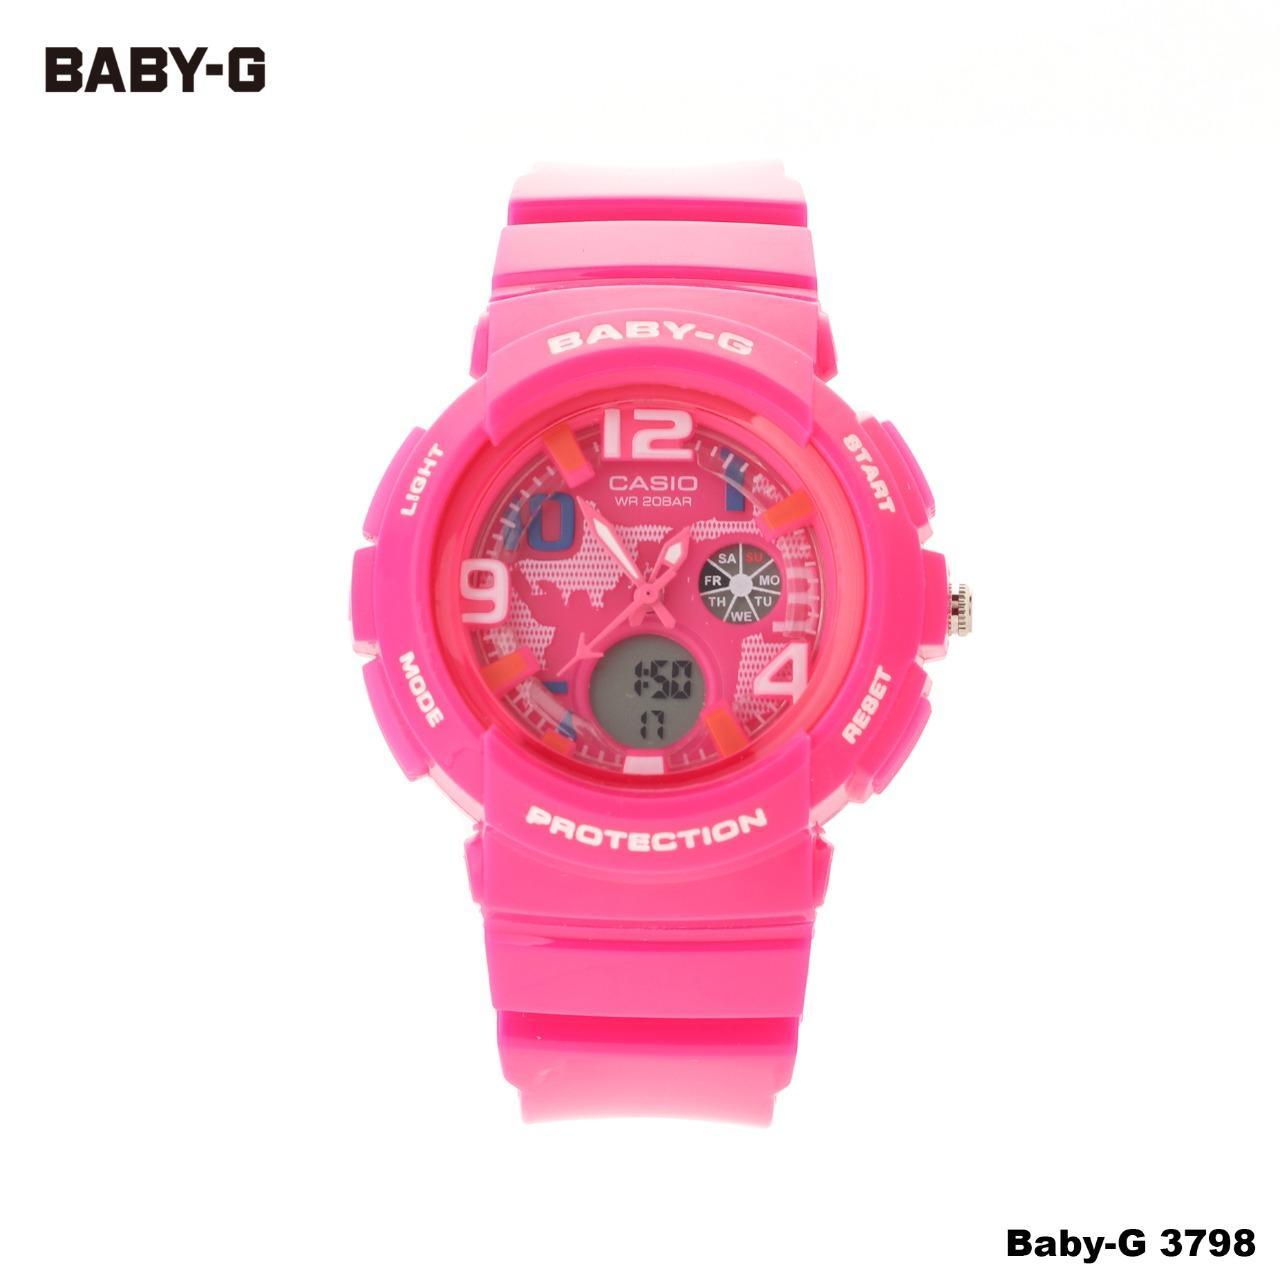 Jam Tangan Wanita SPORT DIGITAL DUAL TIME Anak Murah Casio BabyG Baby G 3798